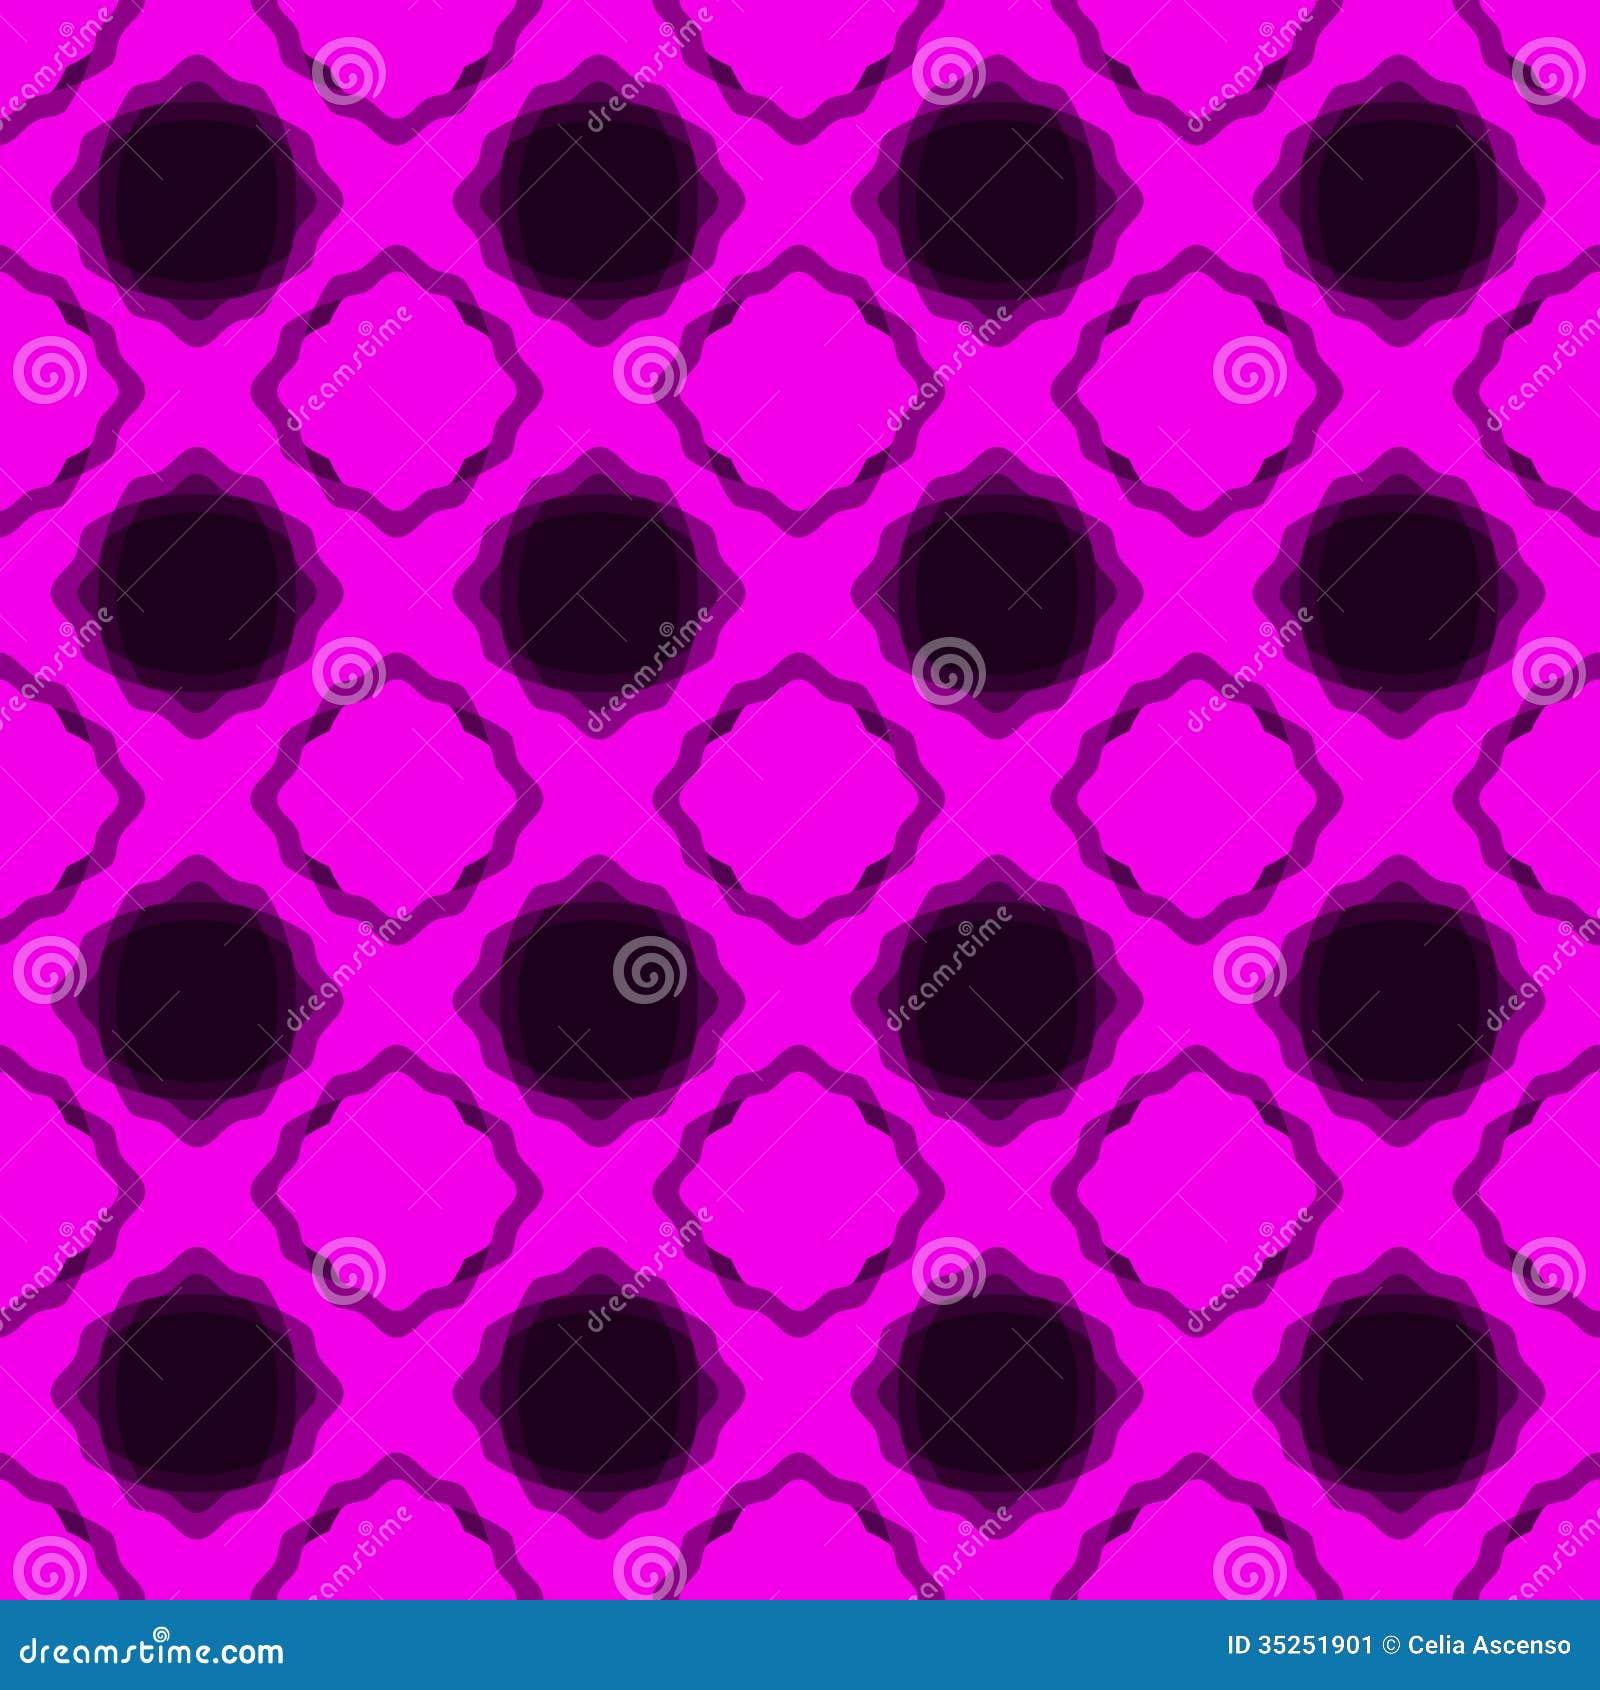 Seamless pink lacy diamonds backgound pattern